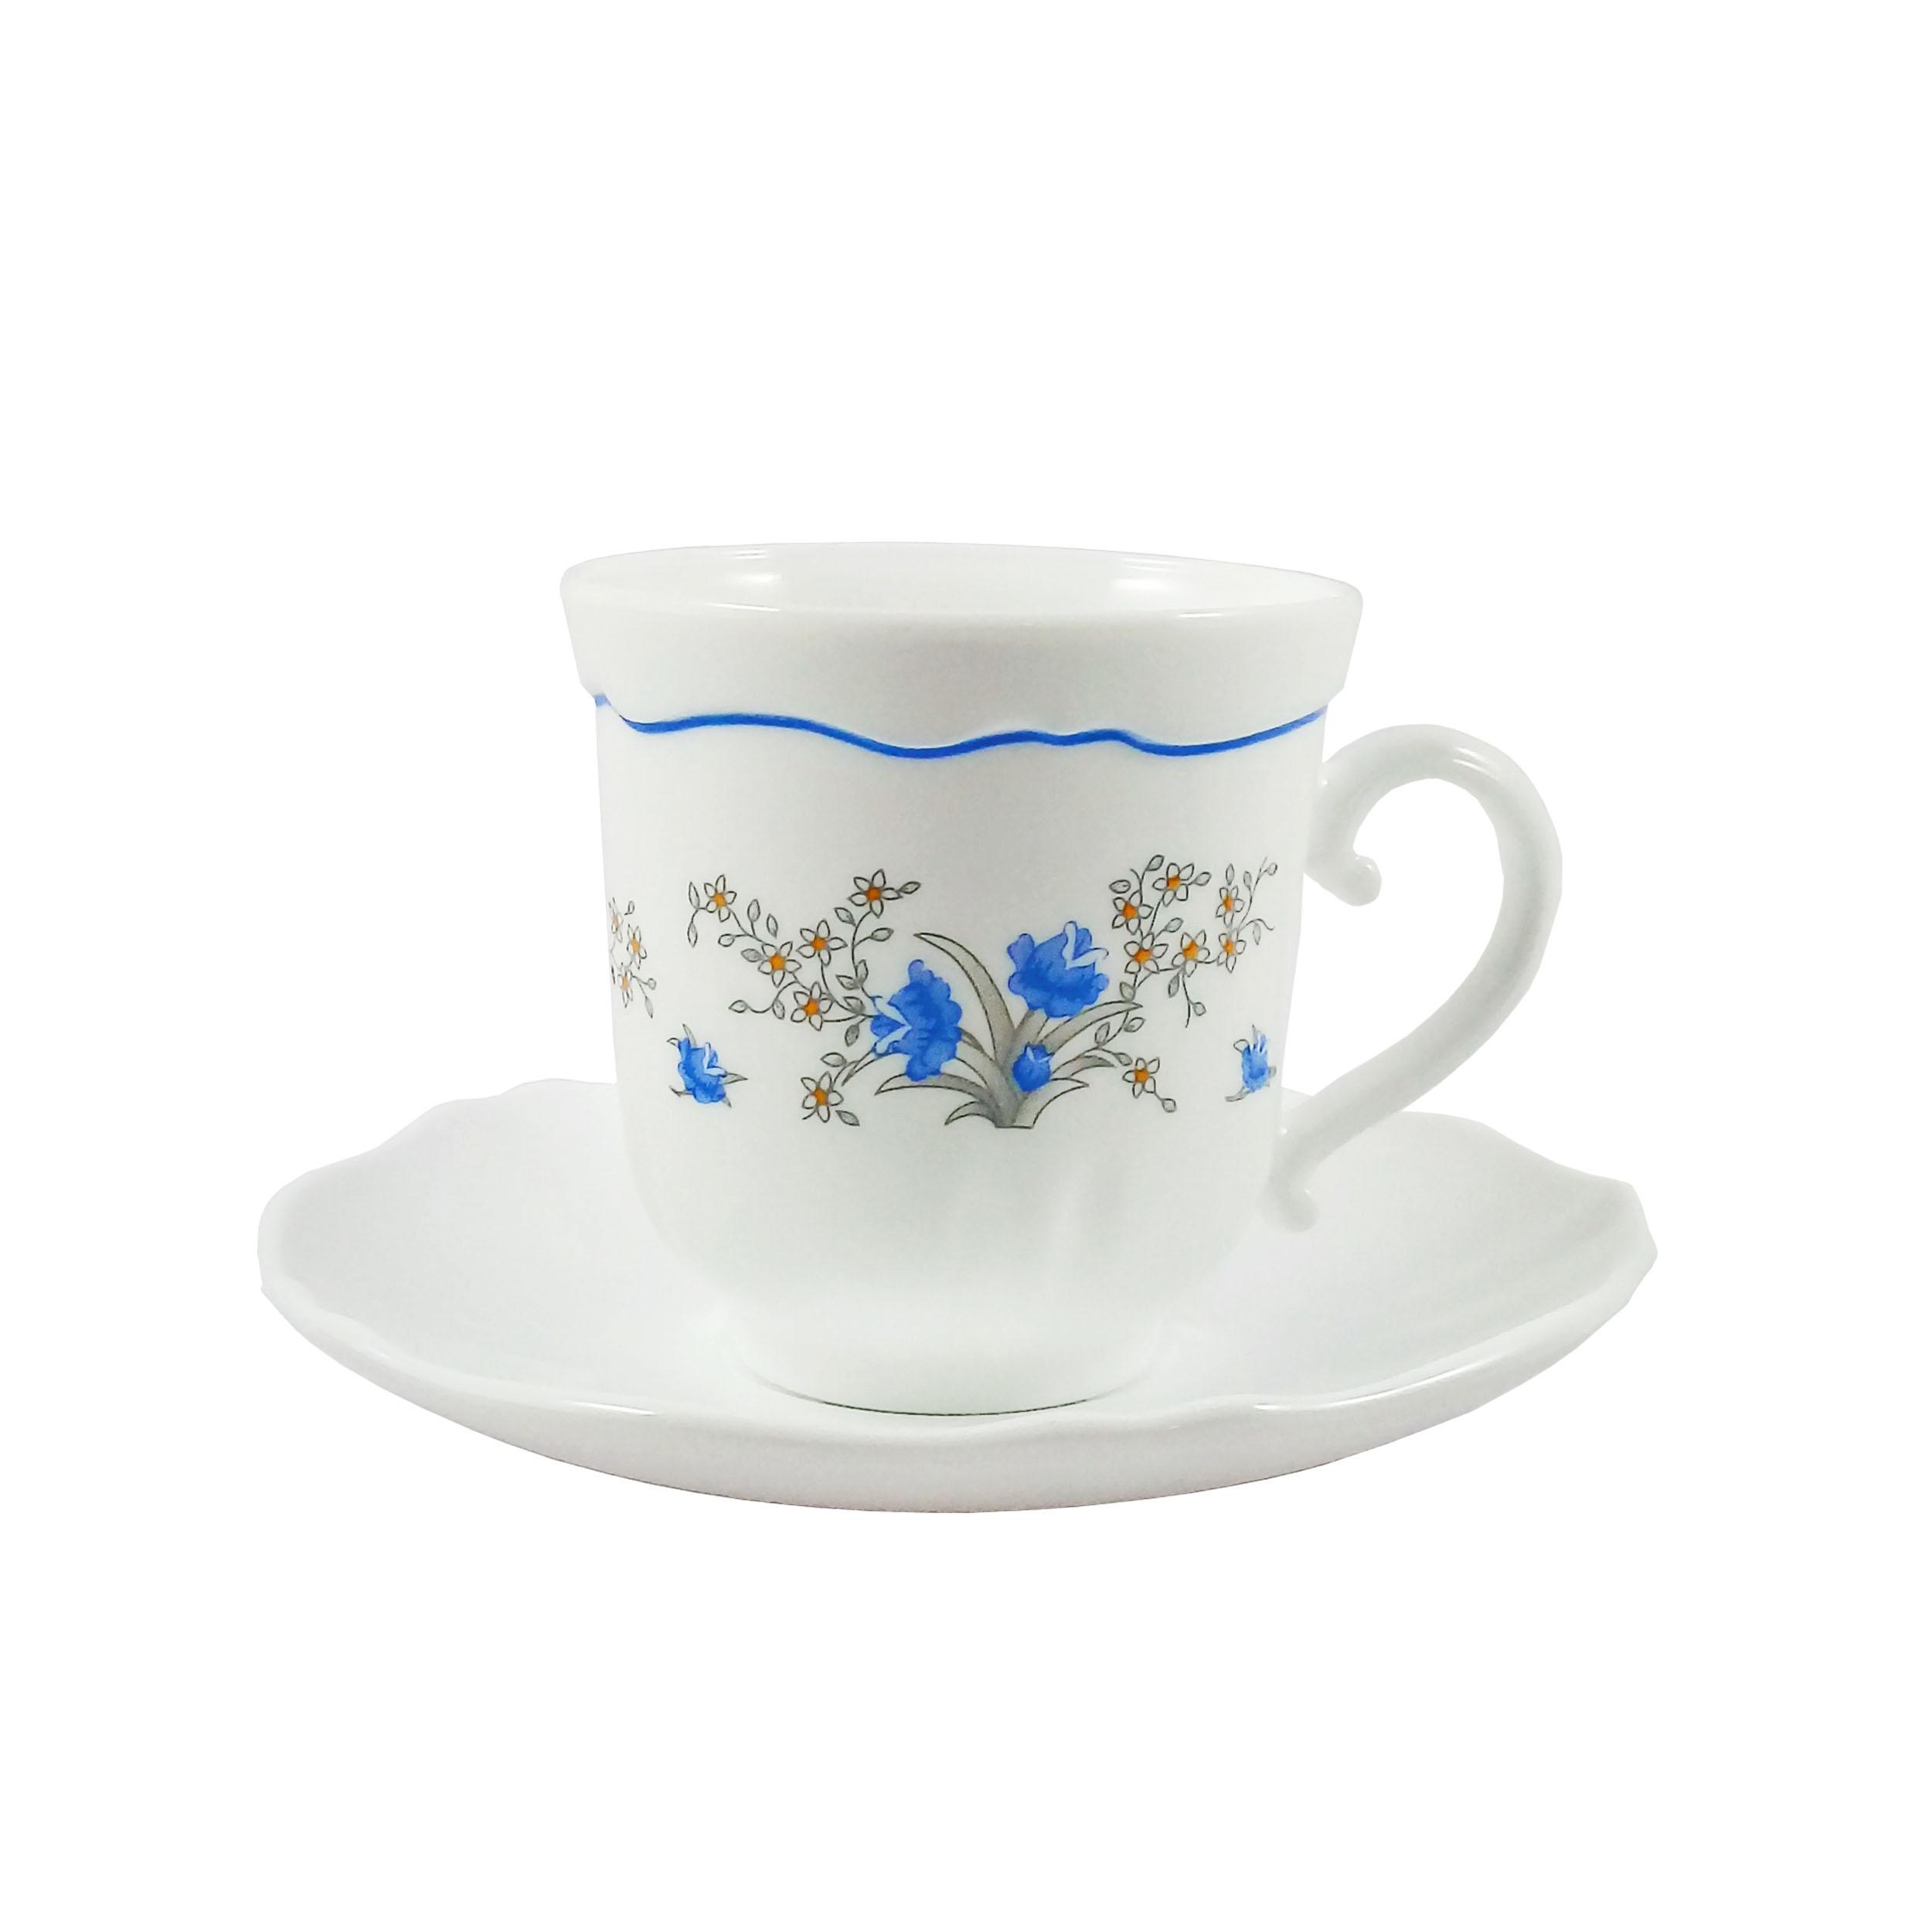 سرویس چای خوری 12 پارچه لومینارک کد E-0248